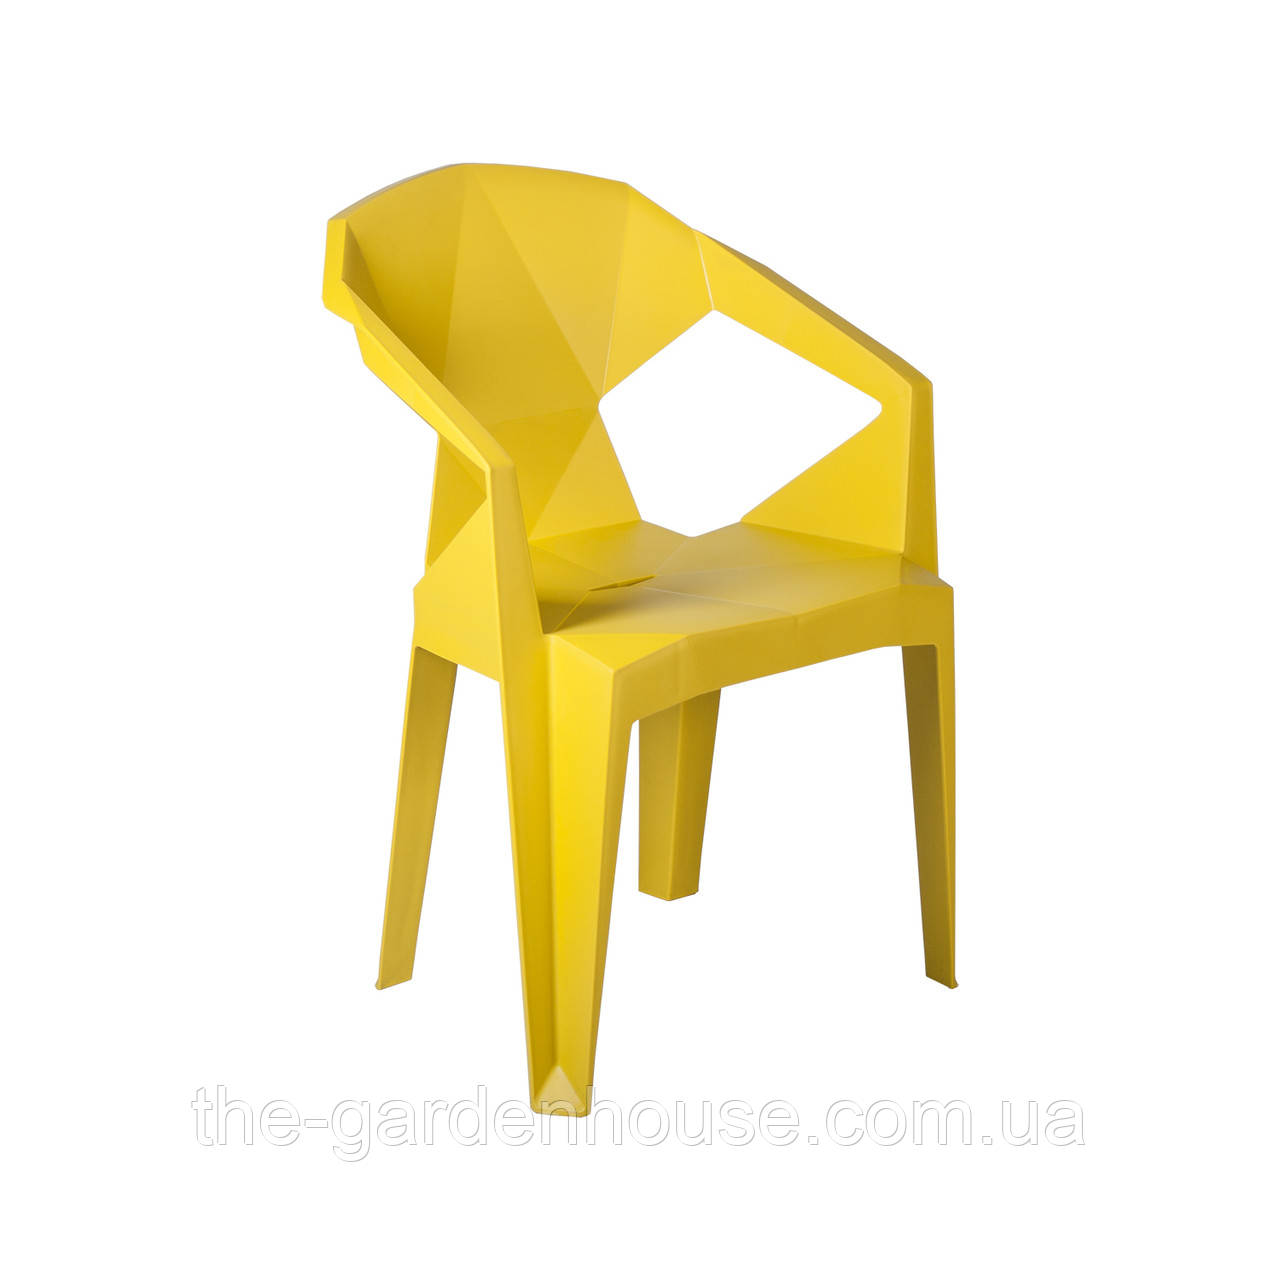 Пластиковый стул с подлокотниками Muze желтый